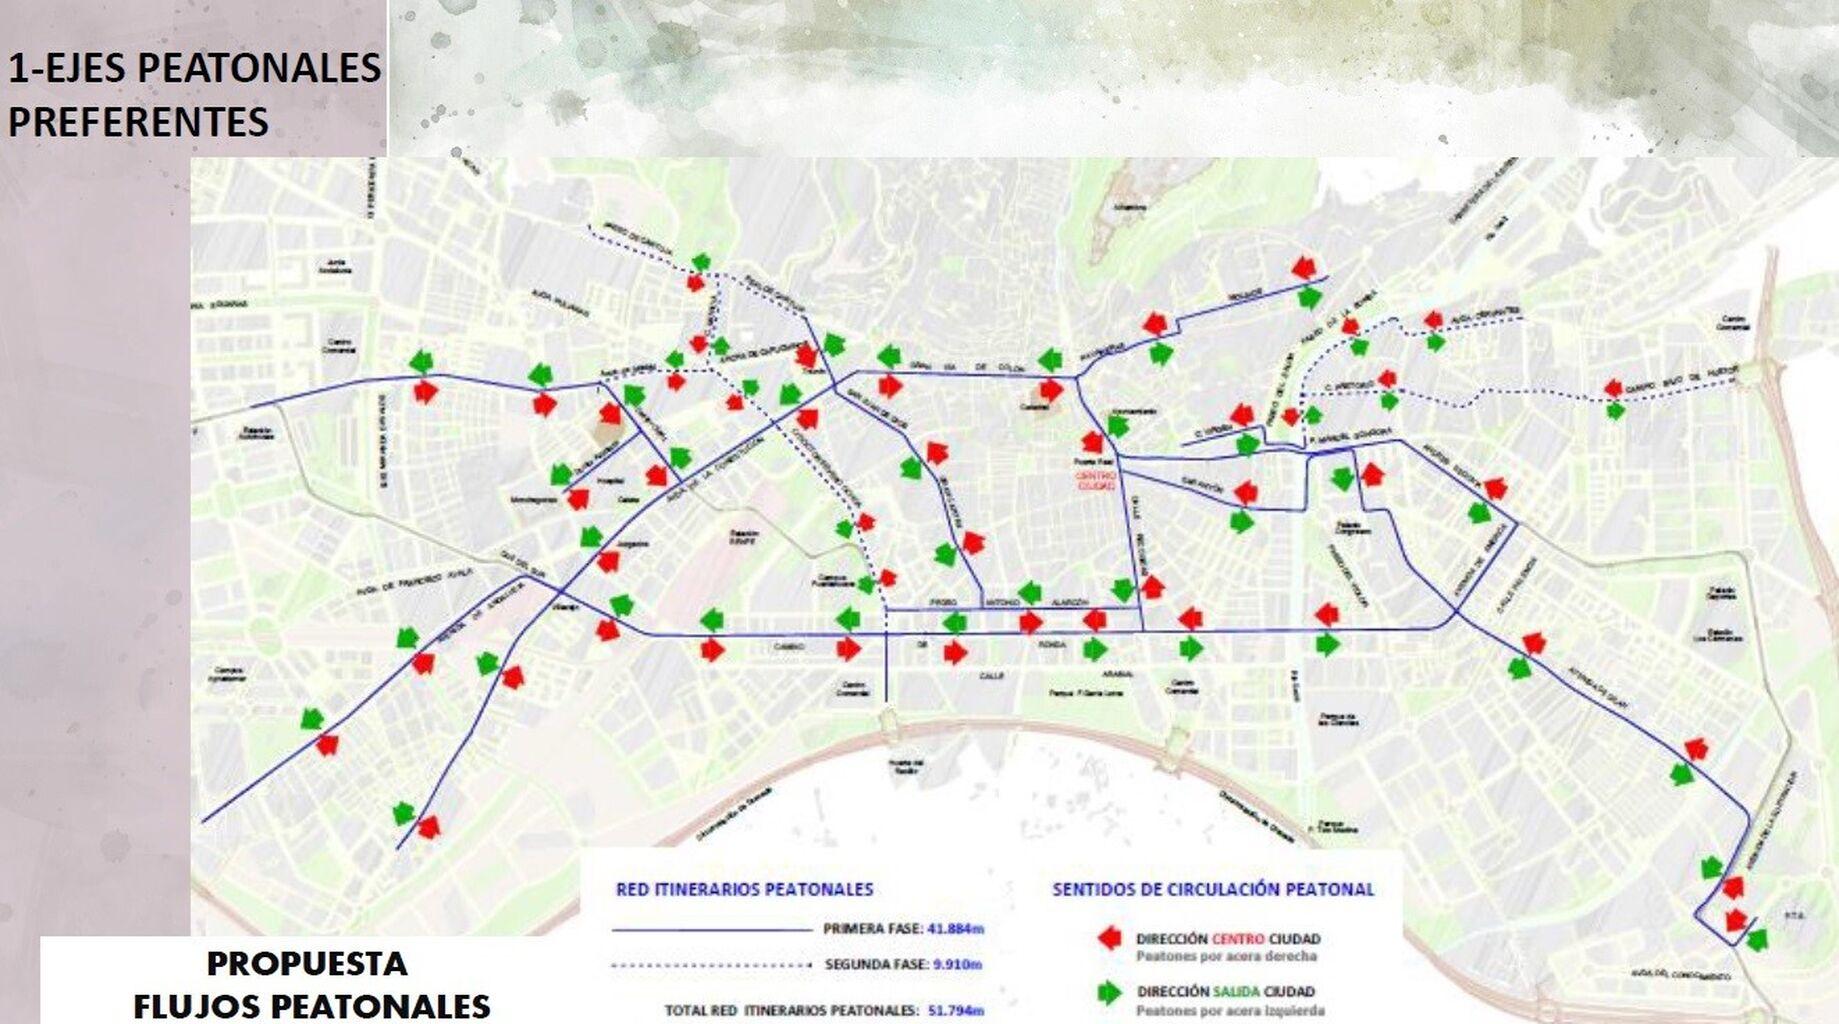 Imagen de portada de Contaminación Atmosférica,  Información geográfica, Normativa urbanística, Plan de Movilidad Urbana sostenible de Granada…